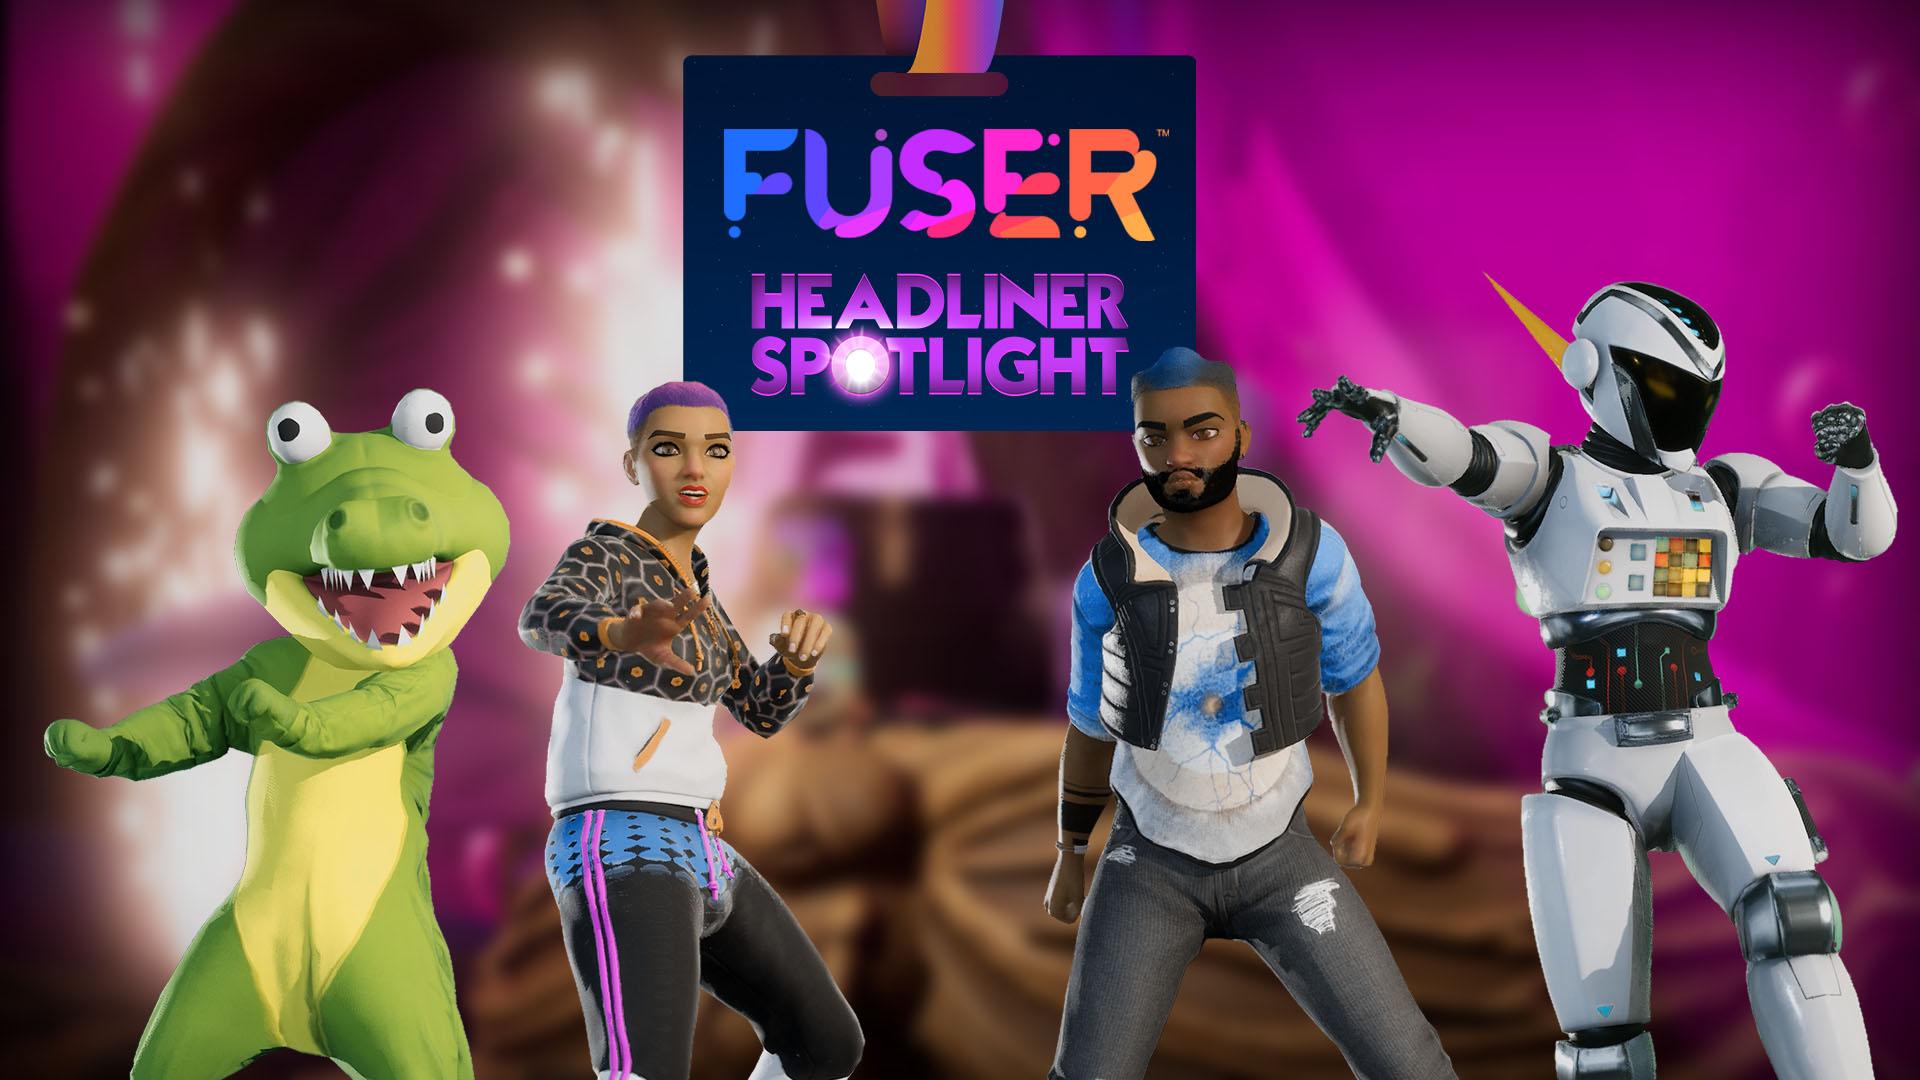 Step Into FUSER's Headliner Spotlight